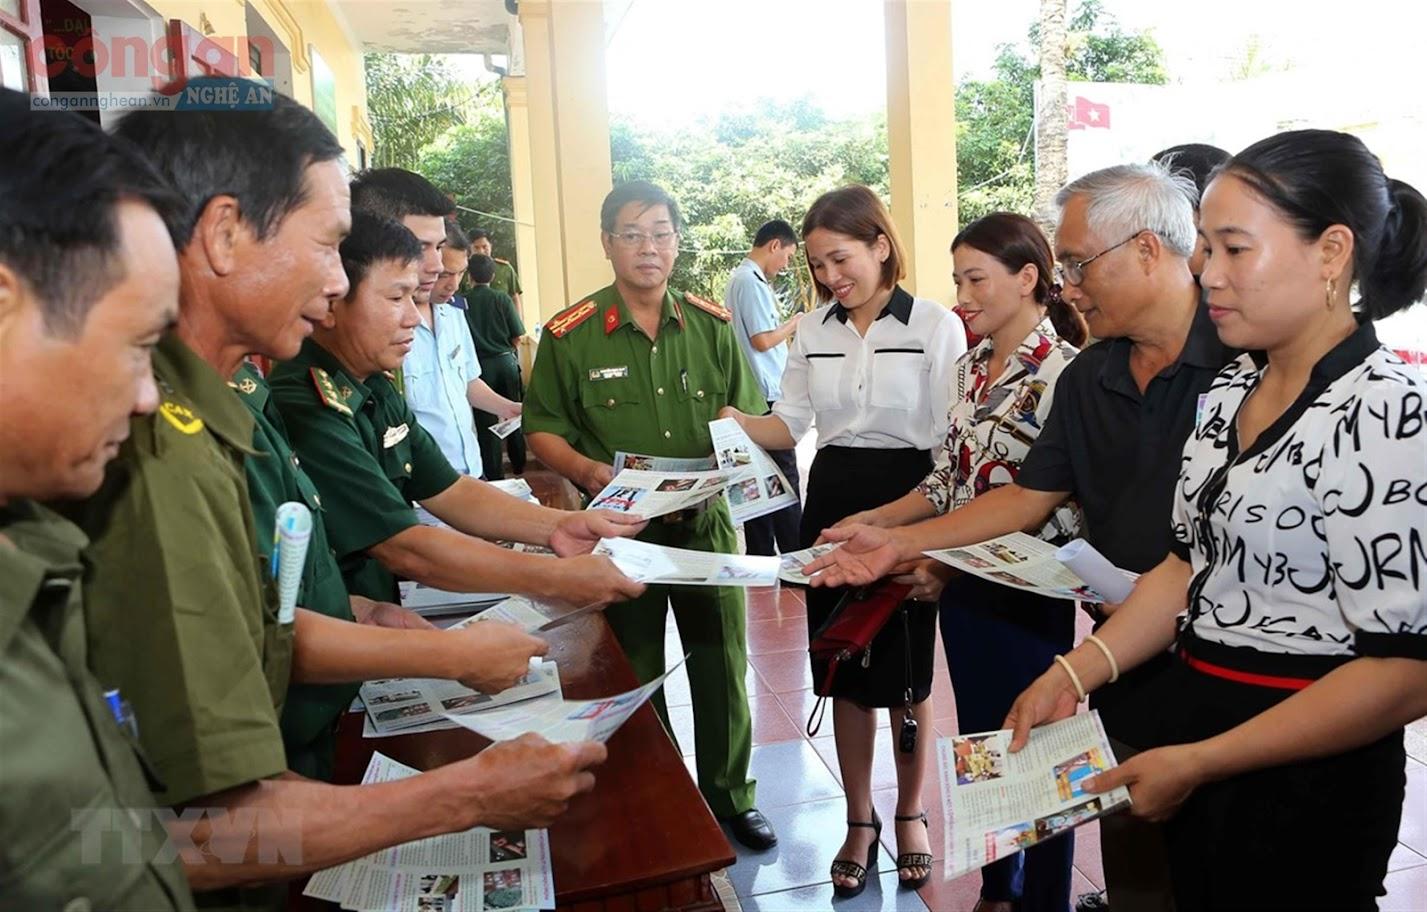 Cục Cảnh sát ĐTTP về Ma túy tổ chức tuyên truyền, tấn công, trấn áp tội phạm ma túy  tuyến biên giới Việt - Lào trên địa bàn 3 tỉnh Thanh Hóa, Nghệ An, Hà Tĩnh - Ảnh: TTXVN